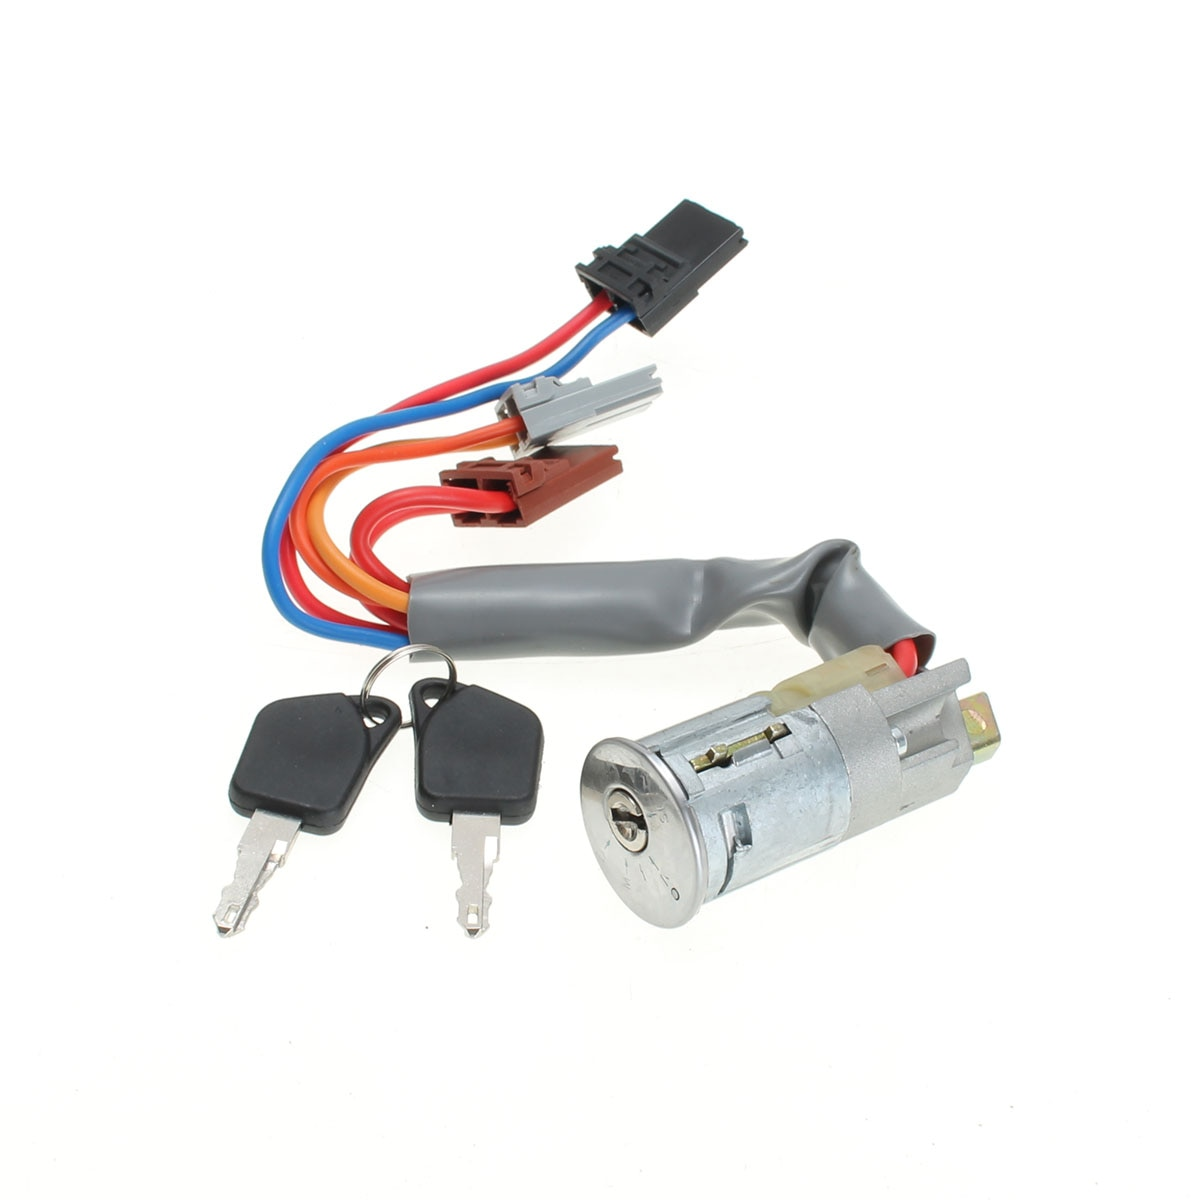 Новое зажигание стартовый переключатель замок бочка 6 Pin 2 клавиши для Peugeot 1993-2002 306 хэтчбек/купе/универсал/салон